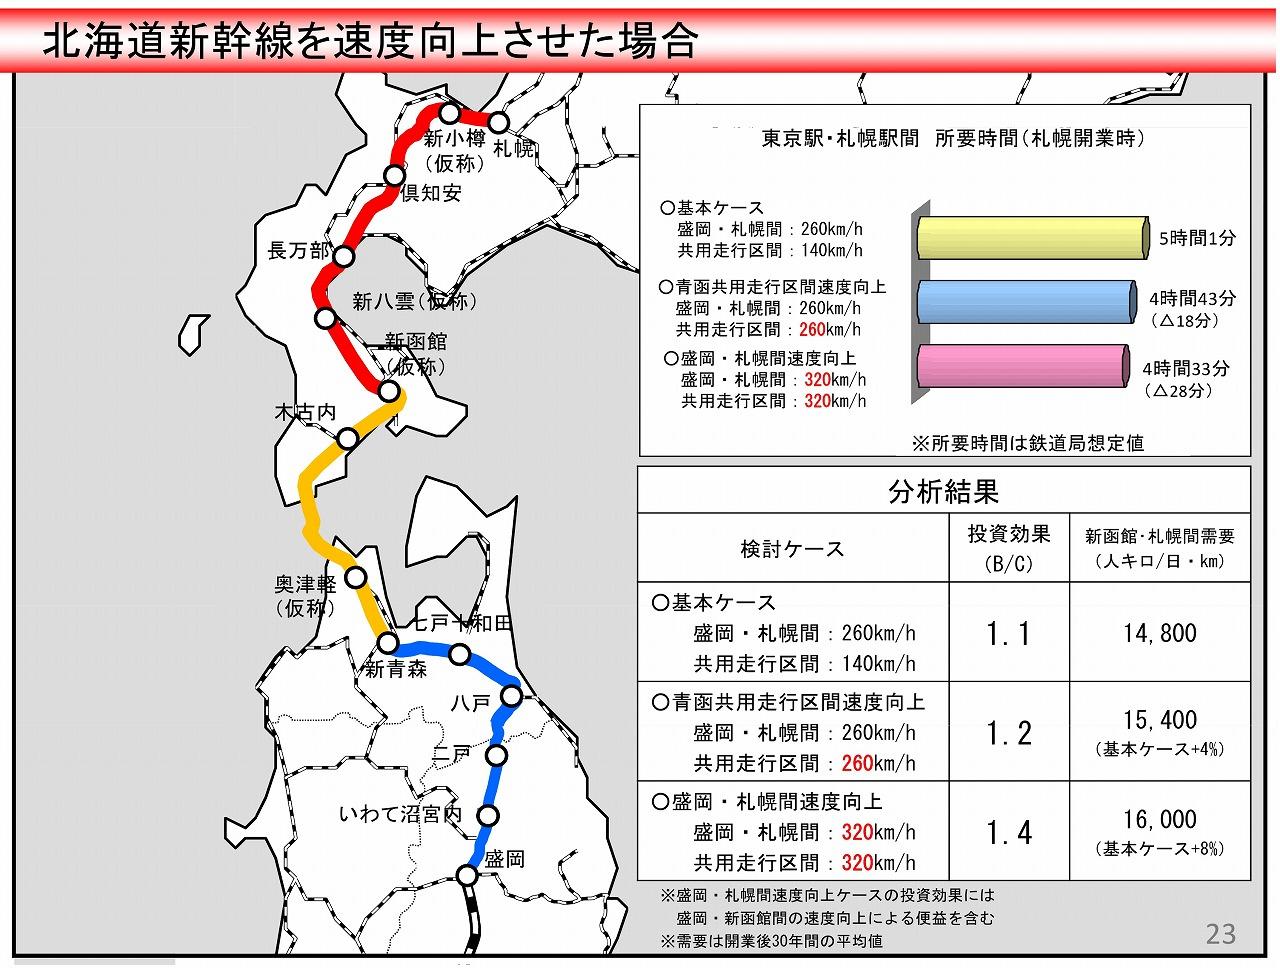 北海道新幹線所要時間